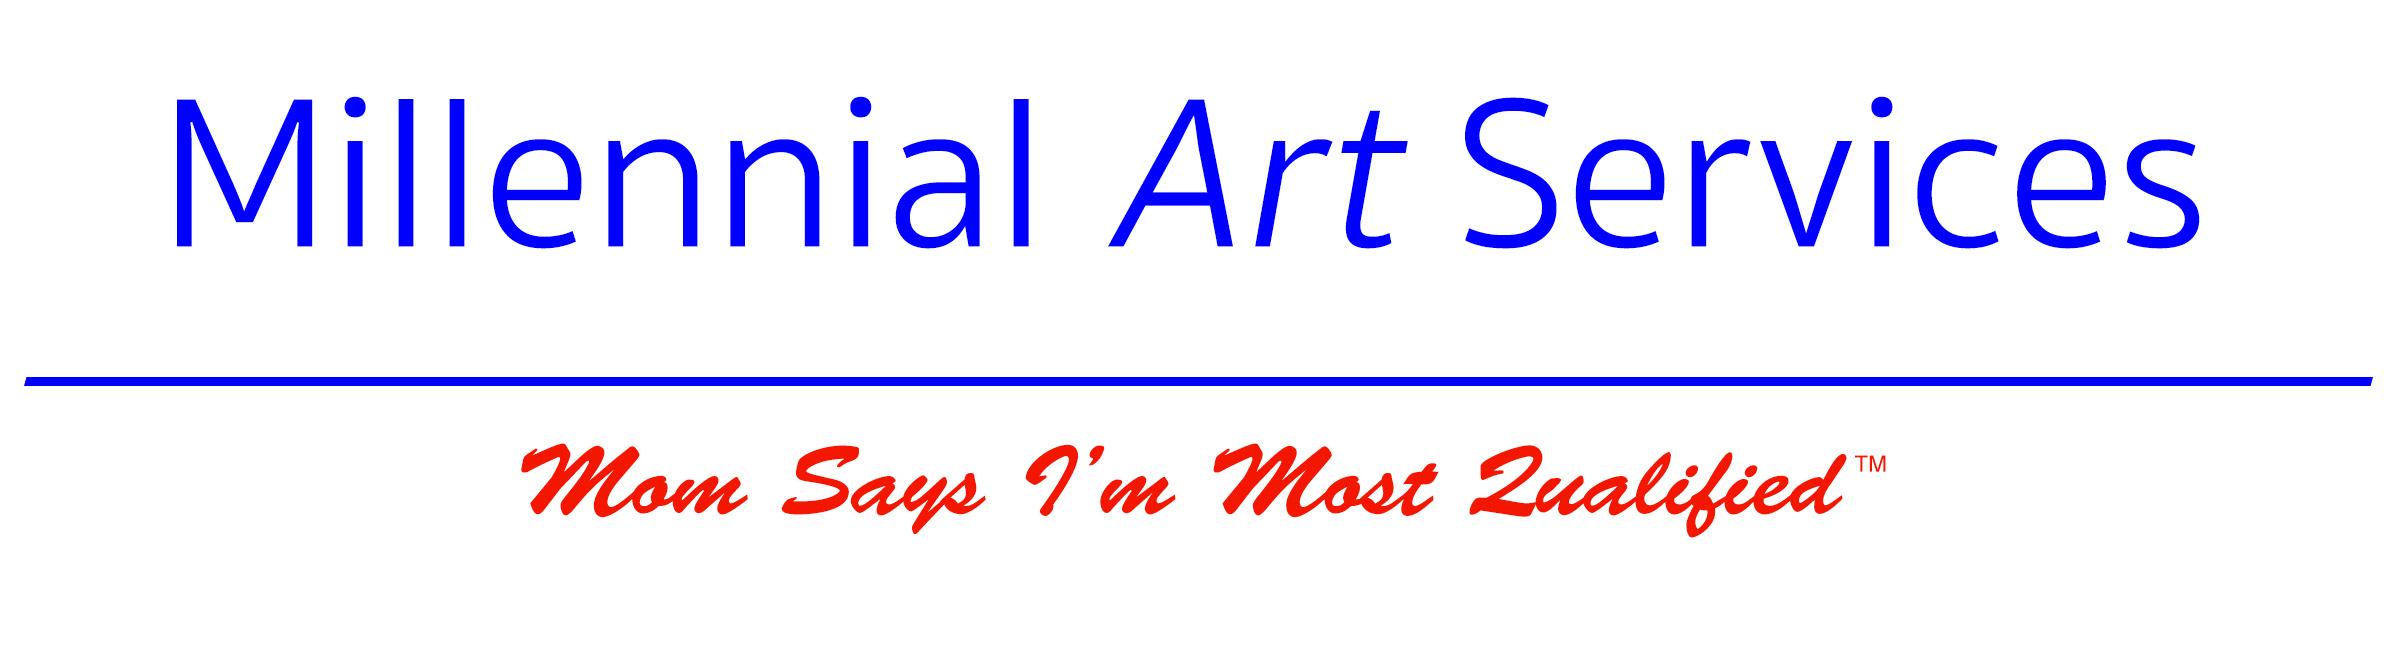 Millenial Art Services